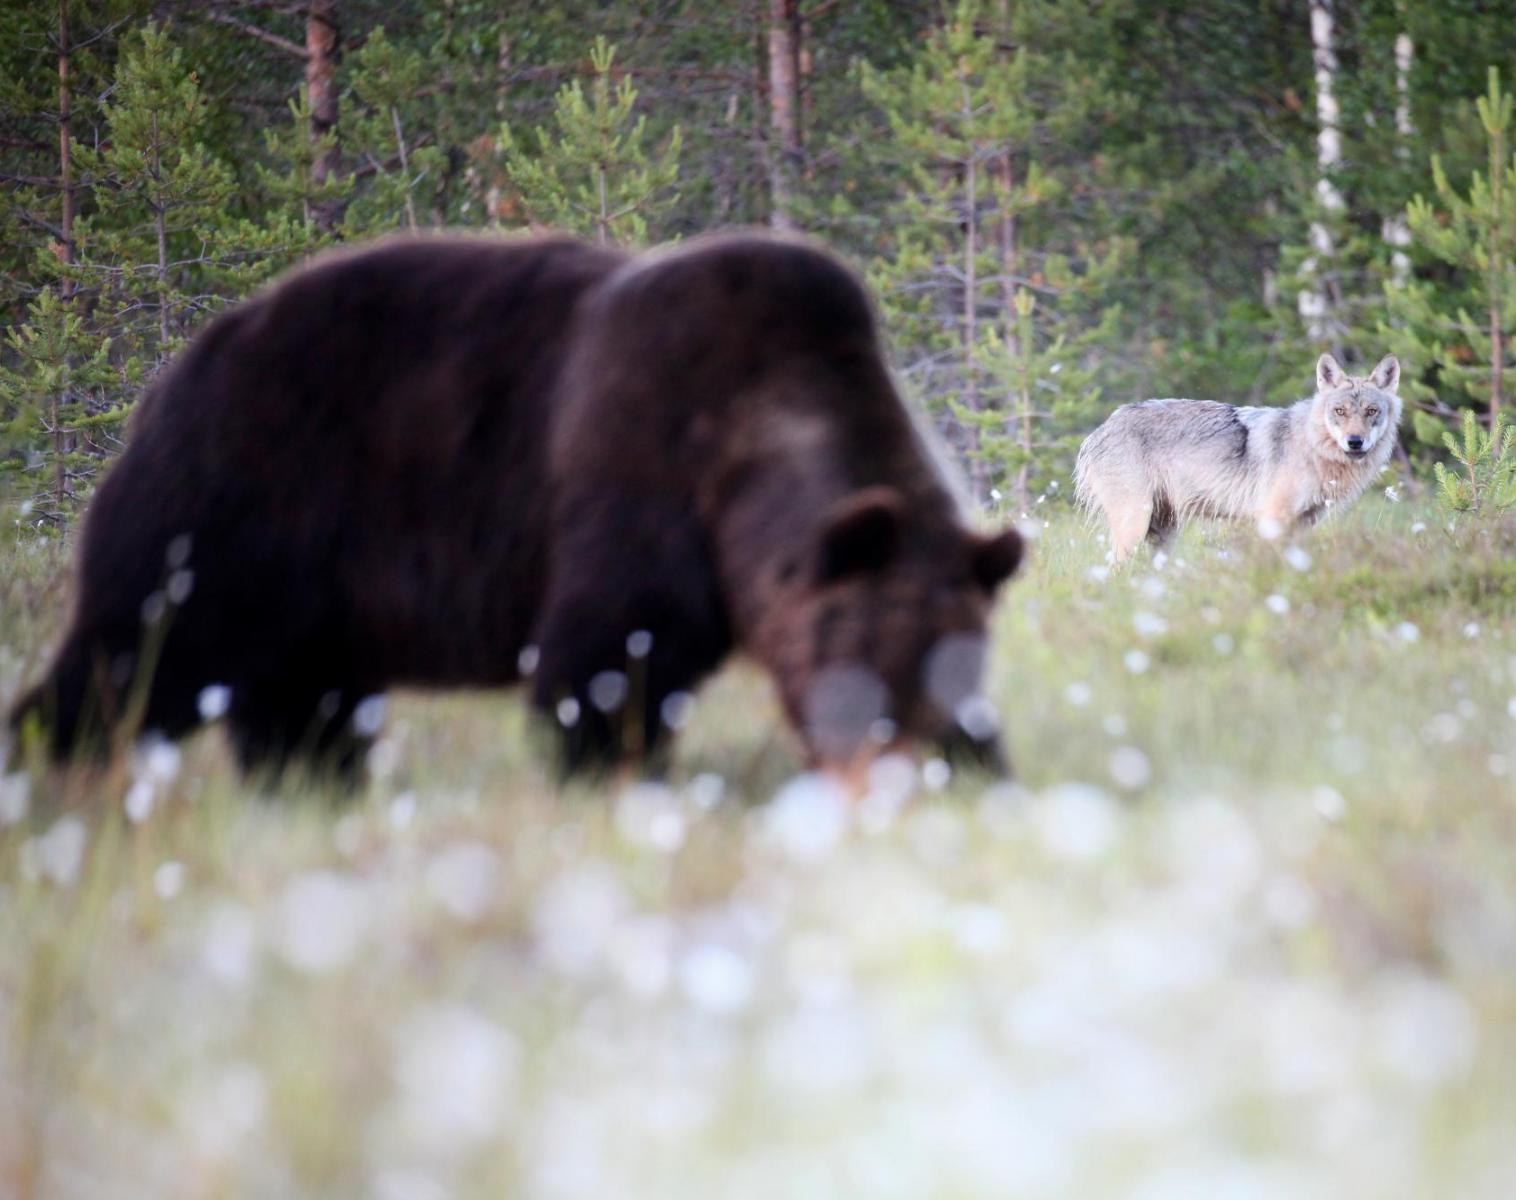 Finlande  Affûts à loups, ours et gloutons   Photo